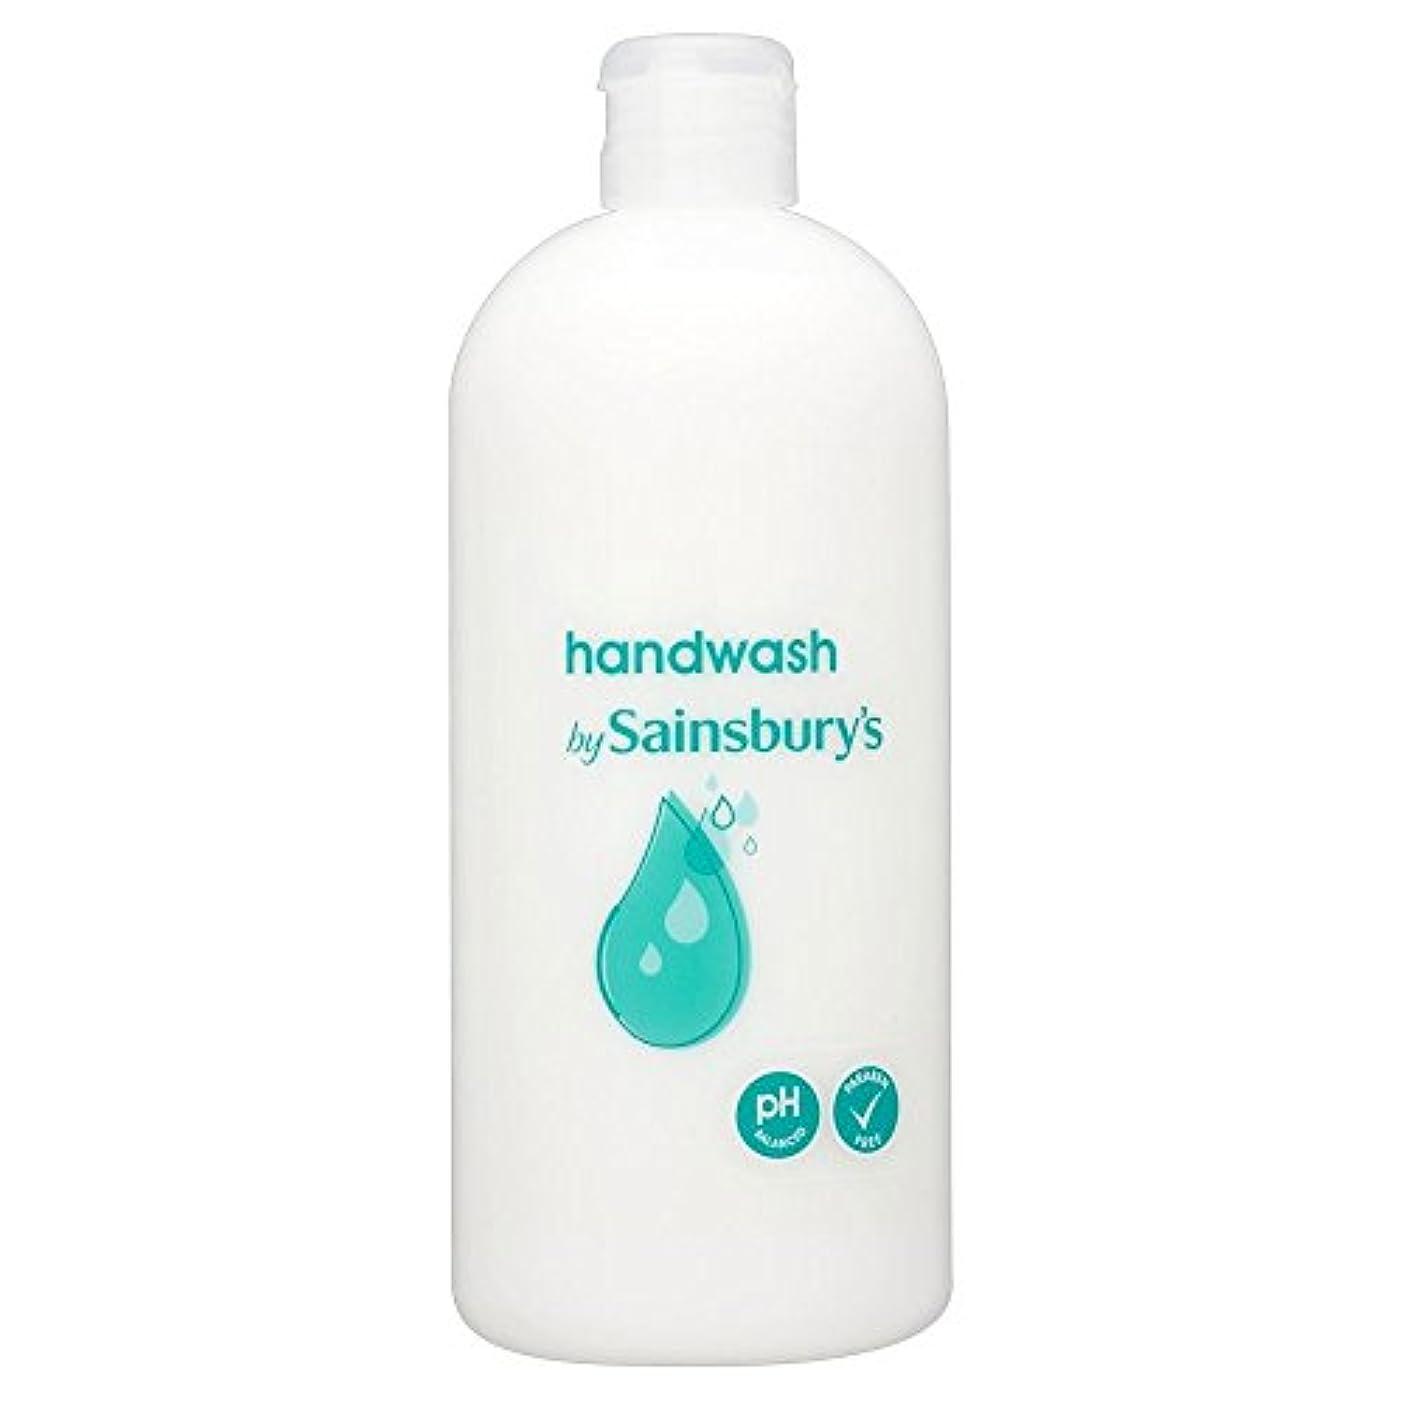 まろやかな空のエチケットSainsbury's Handwash, White Refill 500ml (Pack of 2) - (Sainsbury's) 手洗い、白リフィル500ミリリットル (x2) [並行輸入品]